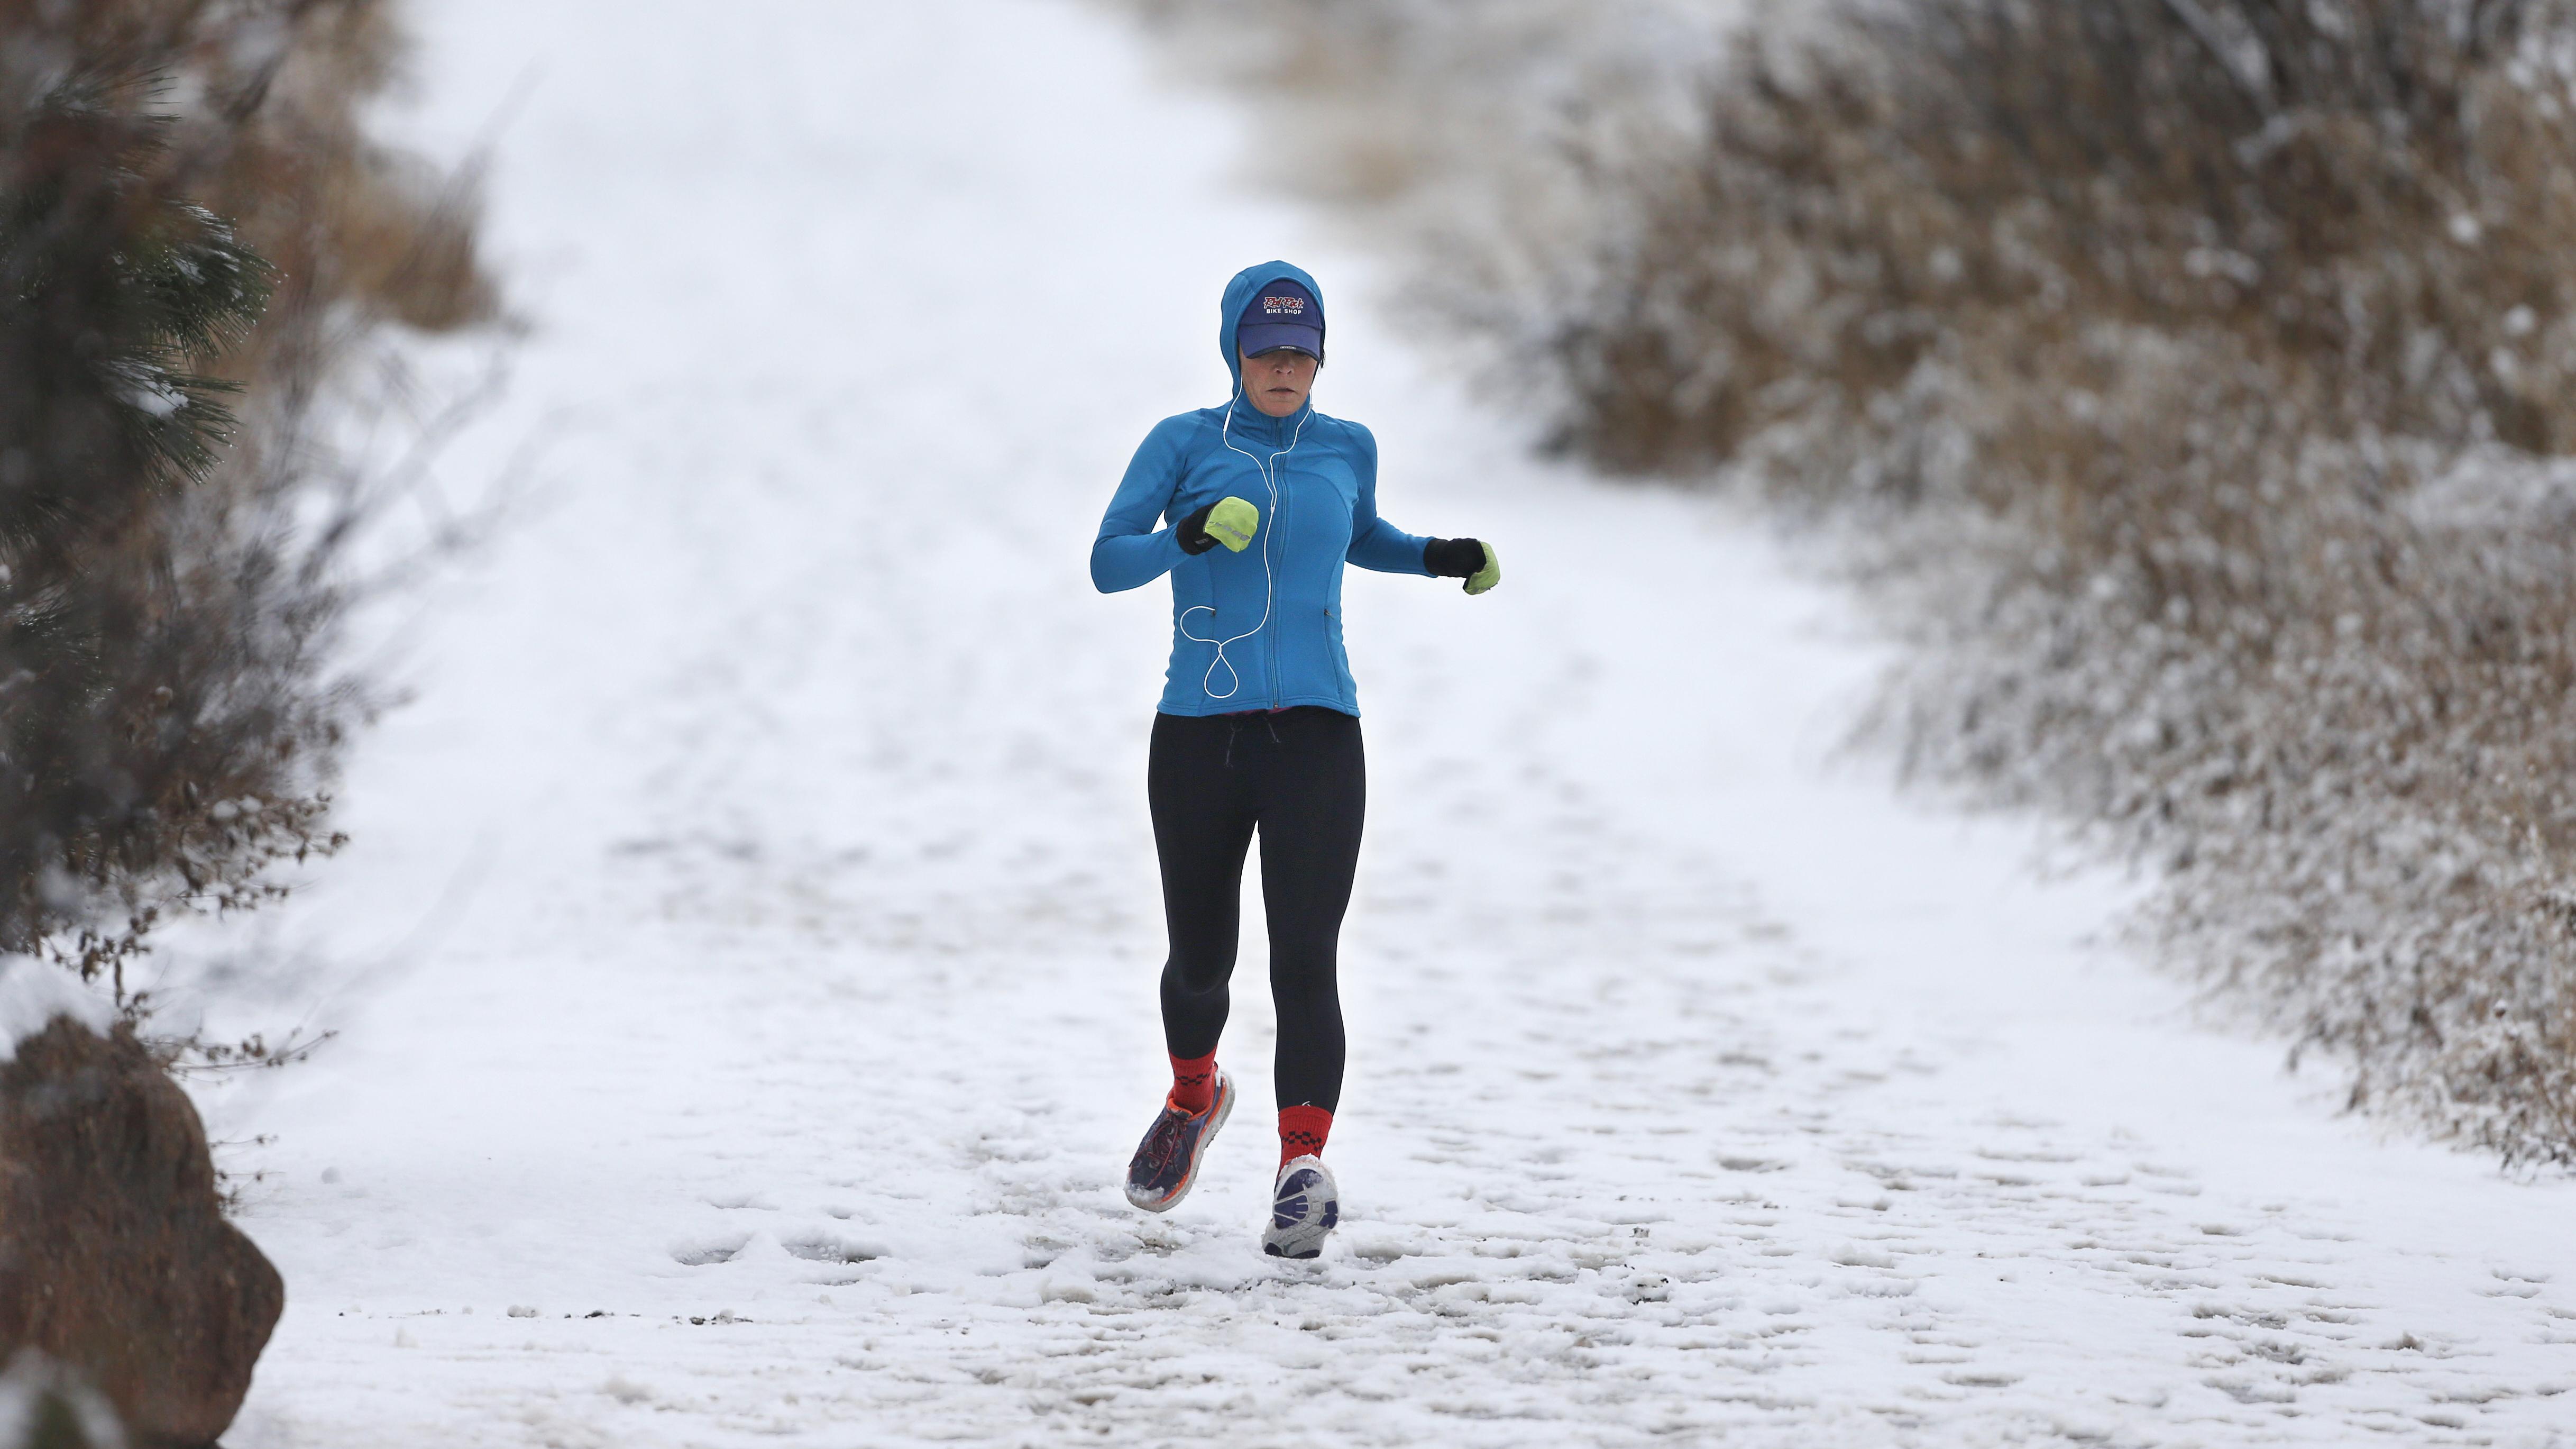 A woman runs in fresh snow at Chautauqua Park, in Boulder, Colo.